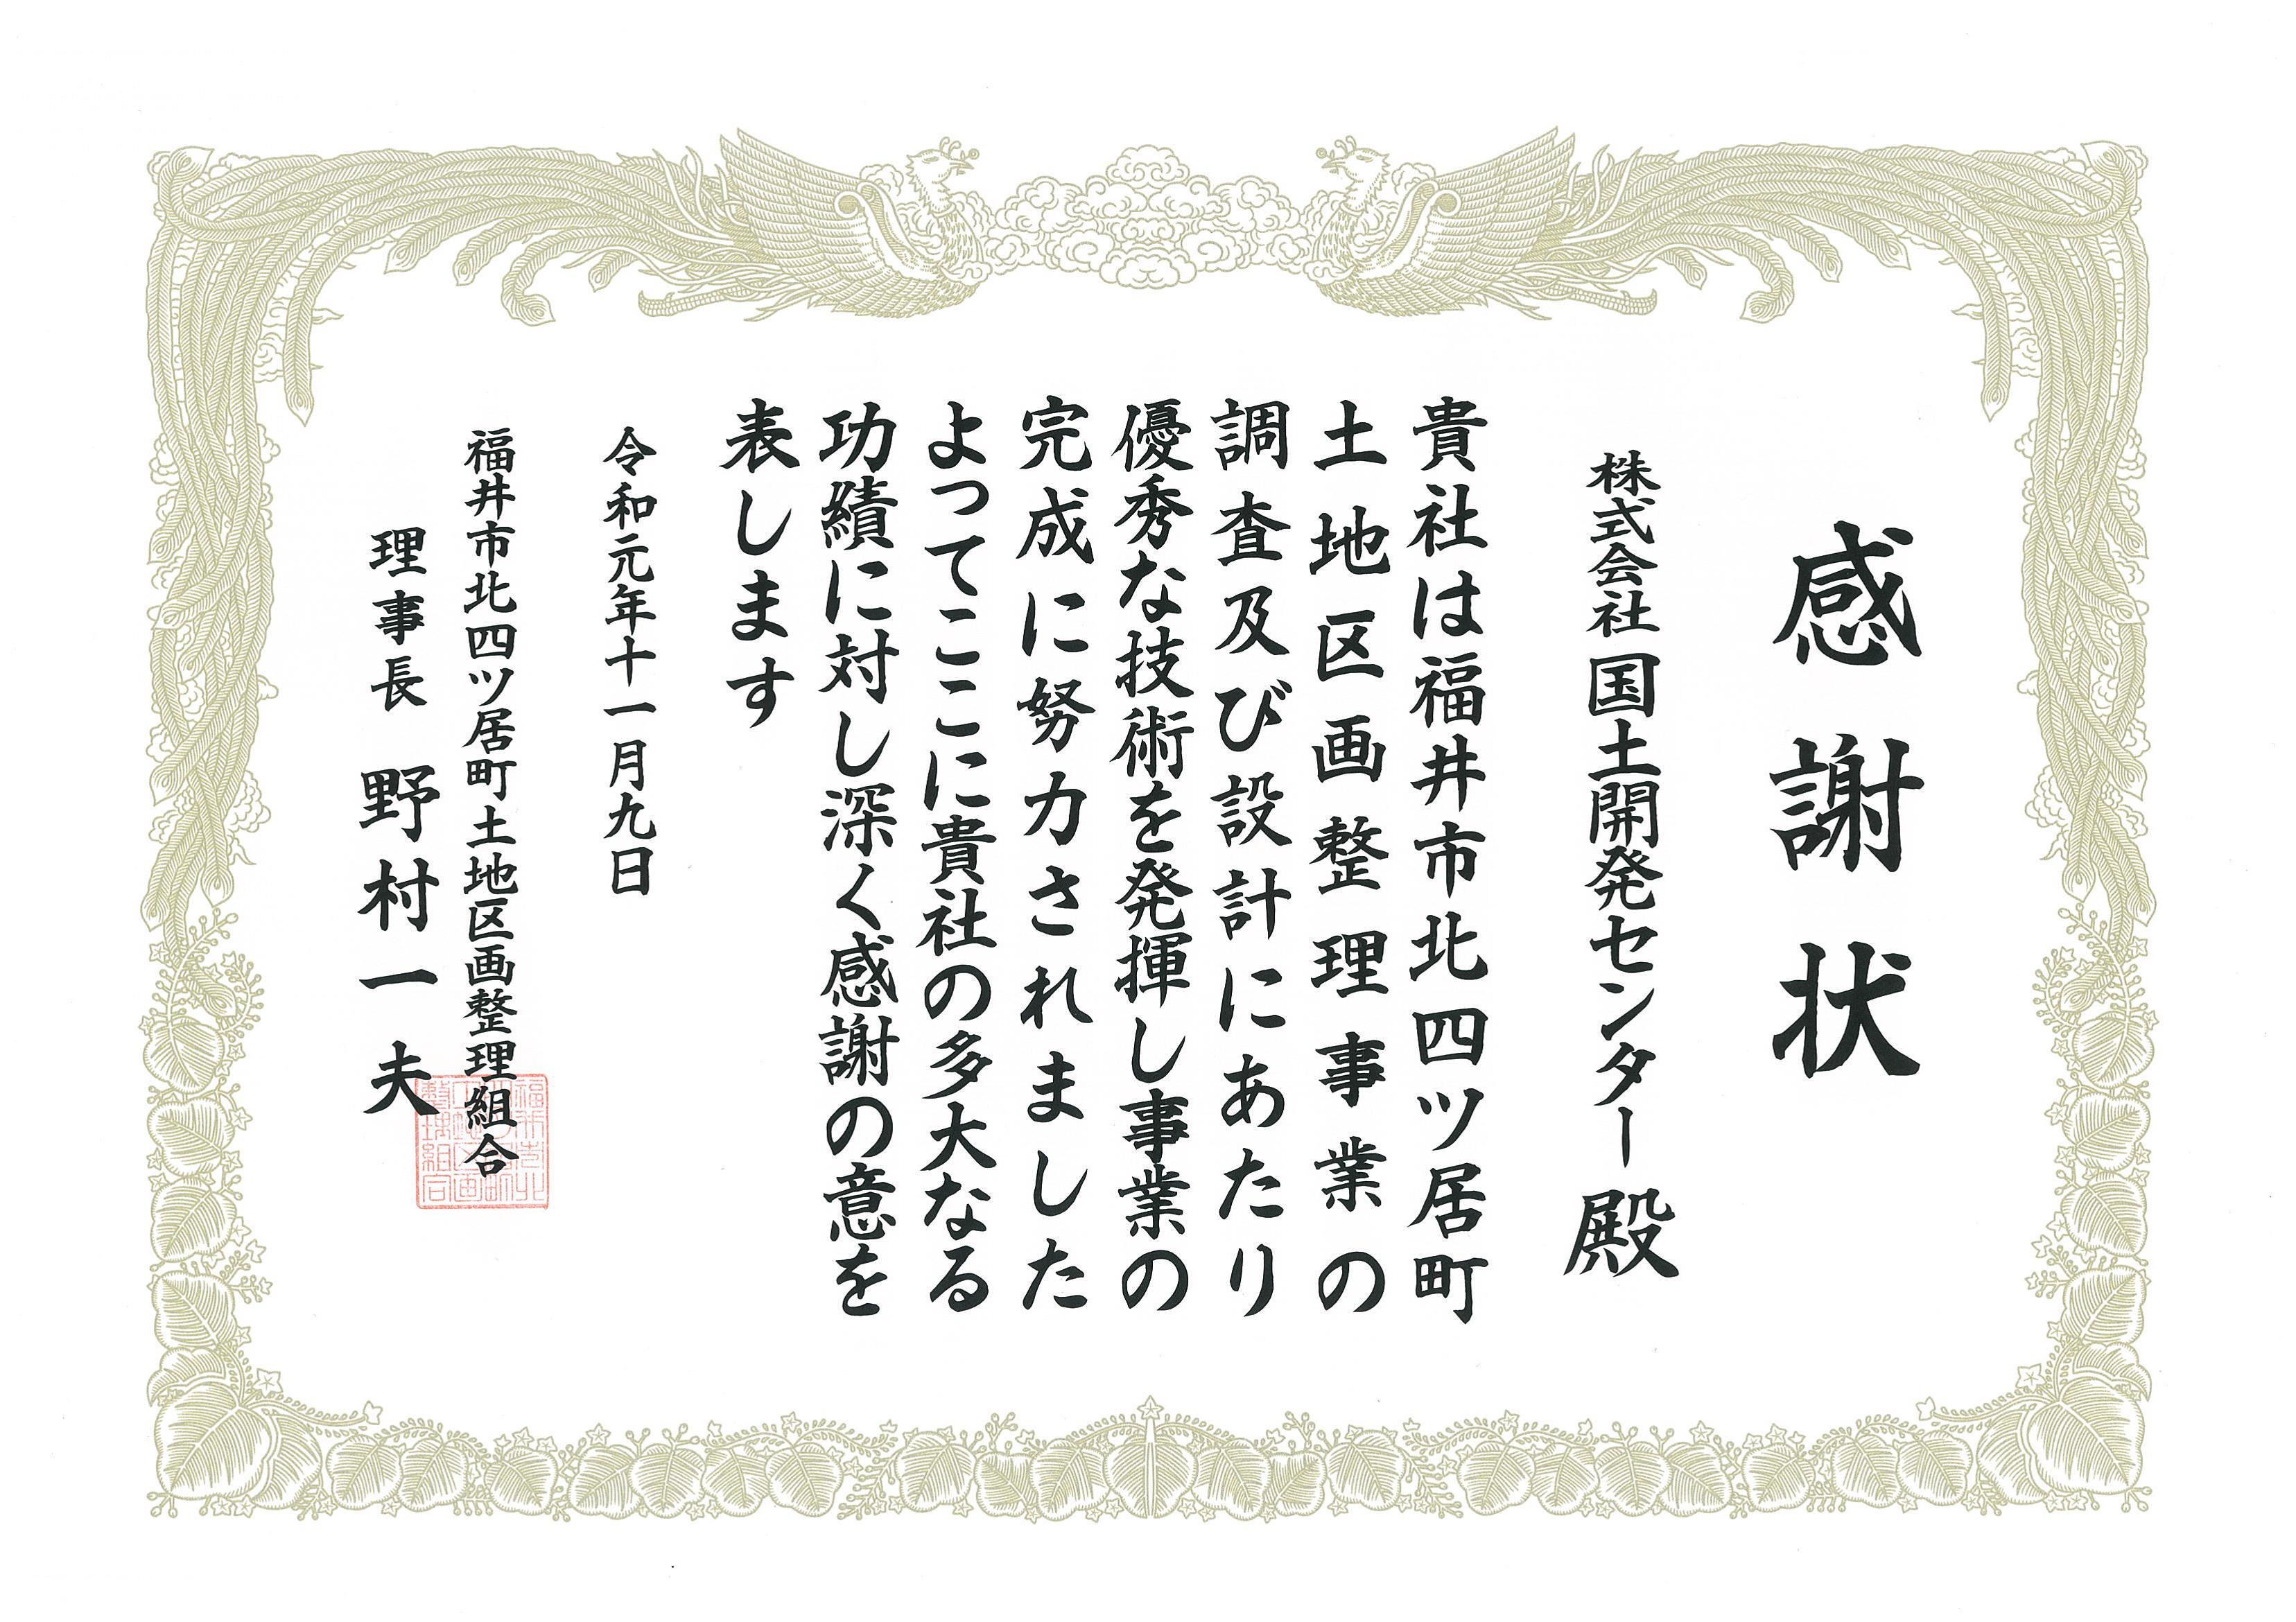 福井市北四ッ居町土地区画整理組合より感謝状を頂きました。